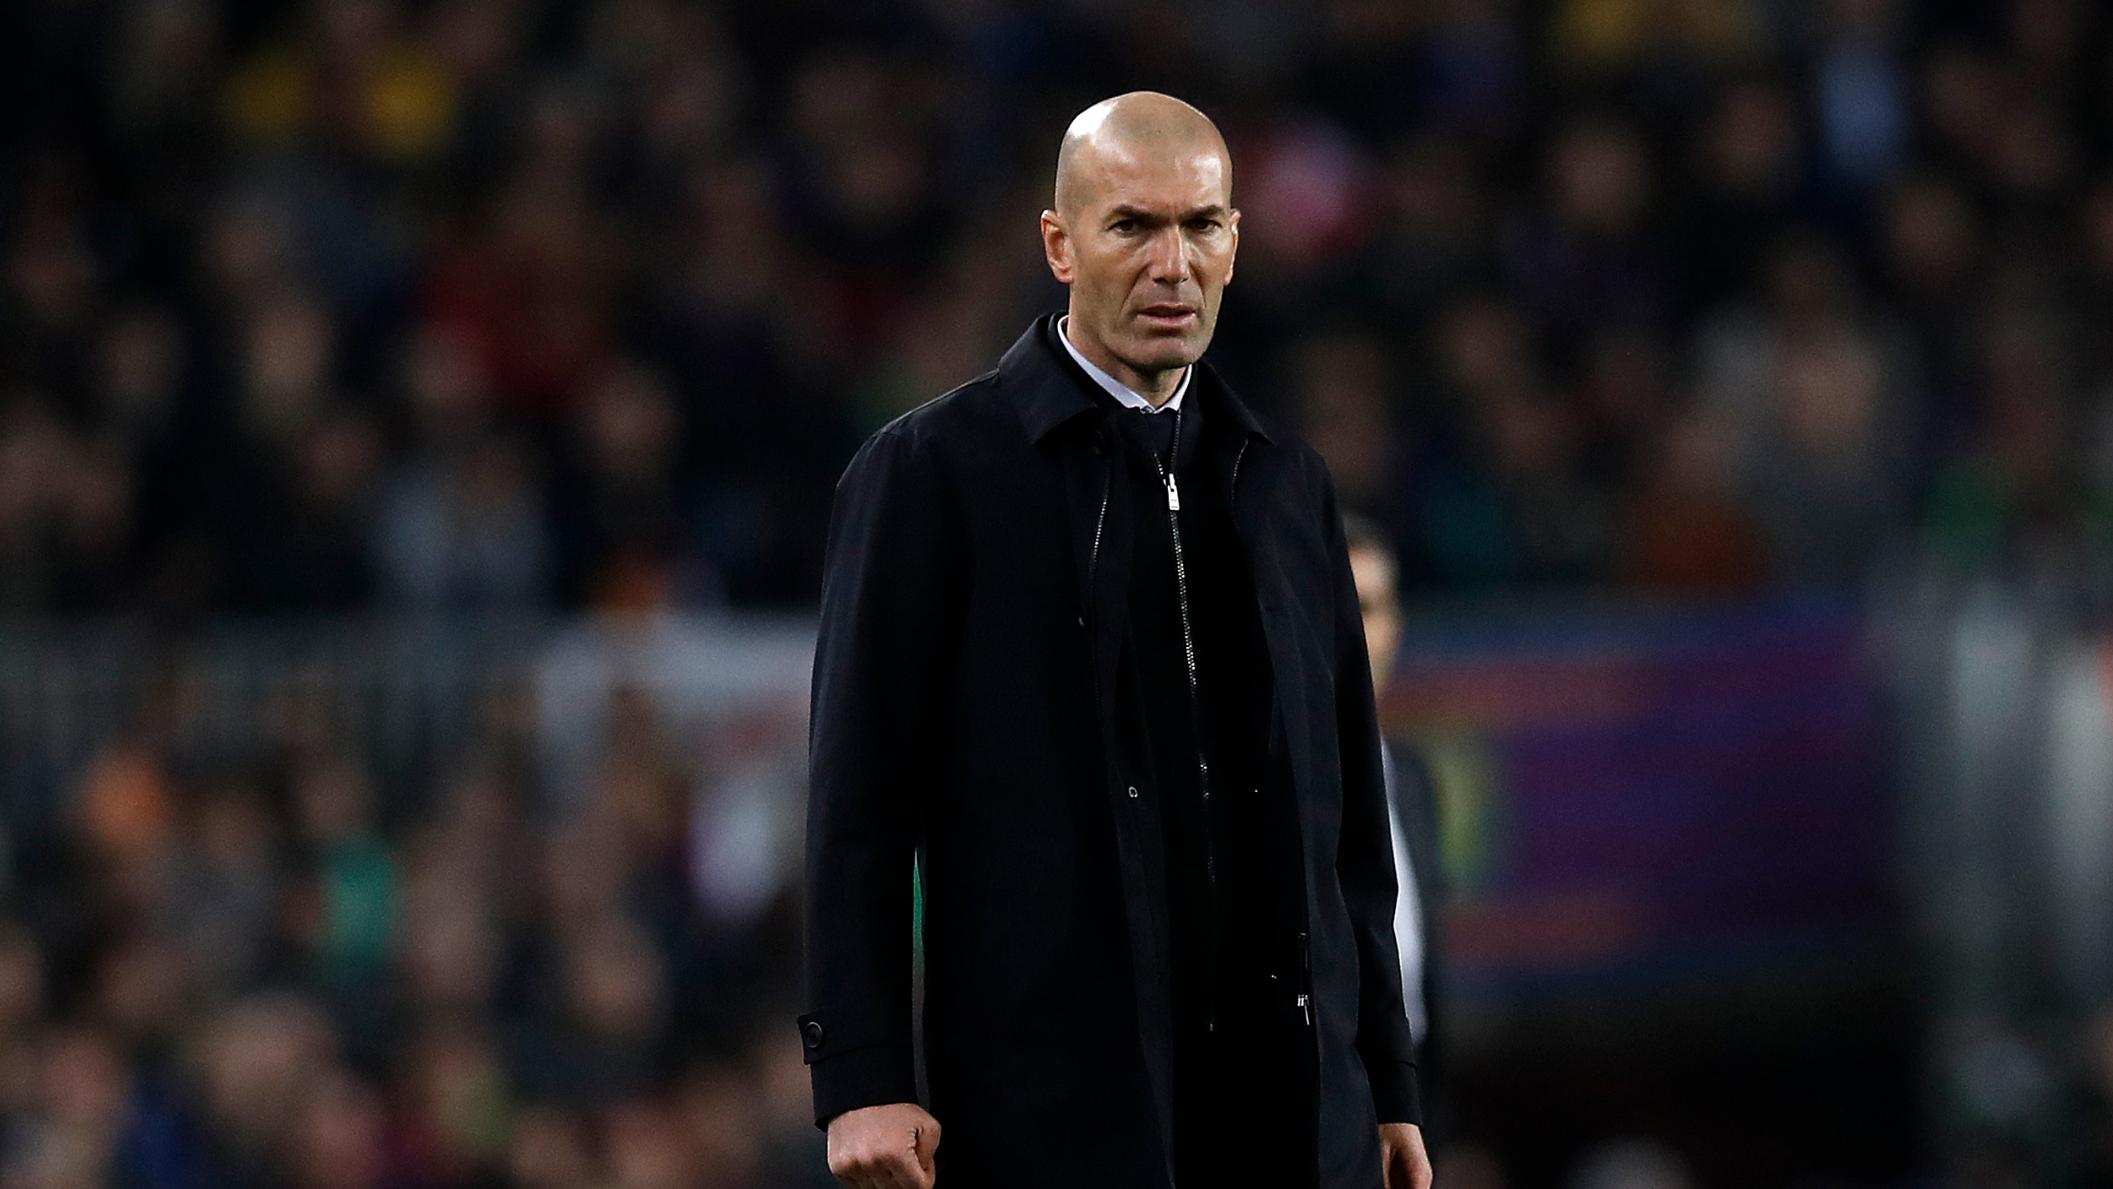 """Real Madrid, Zidane : """"Hazard ne jouera pas la Super Coupe, c'est sûr à 100%"""""""